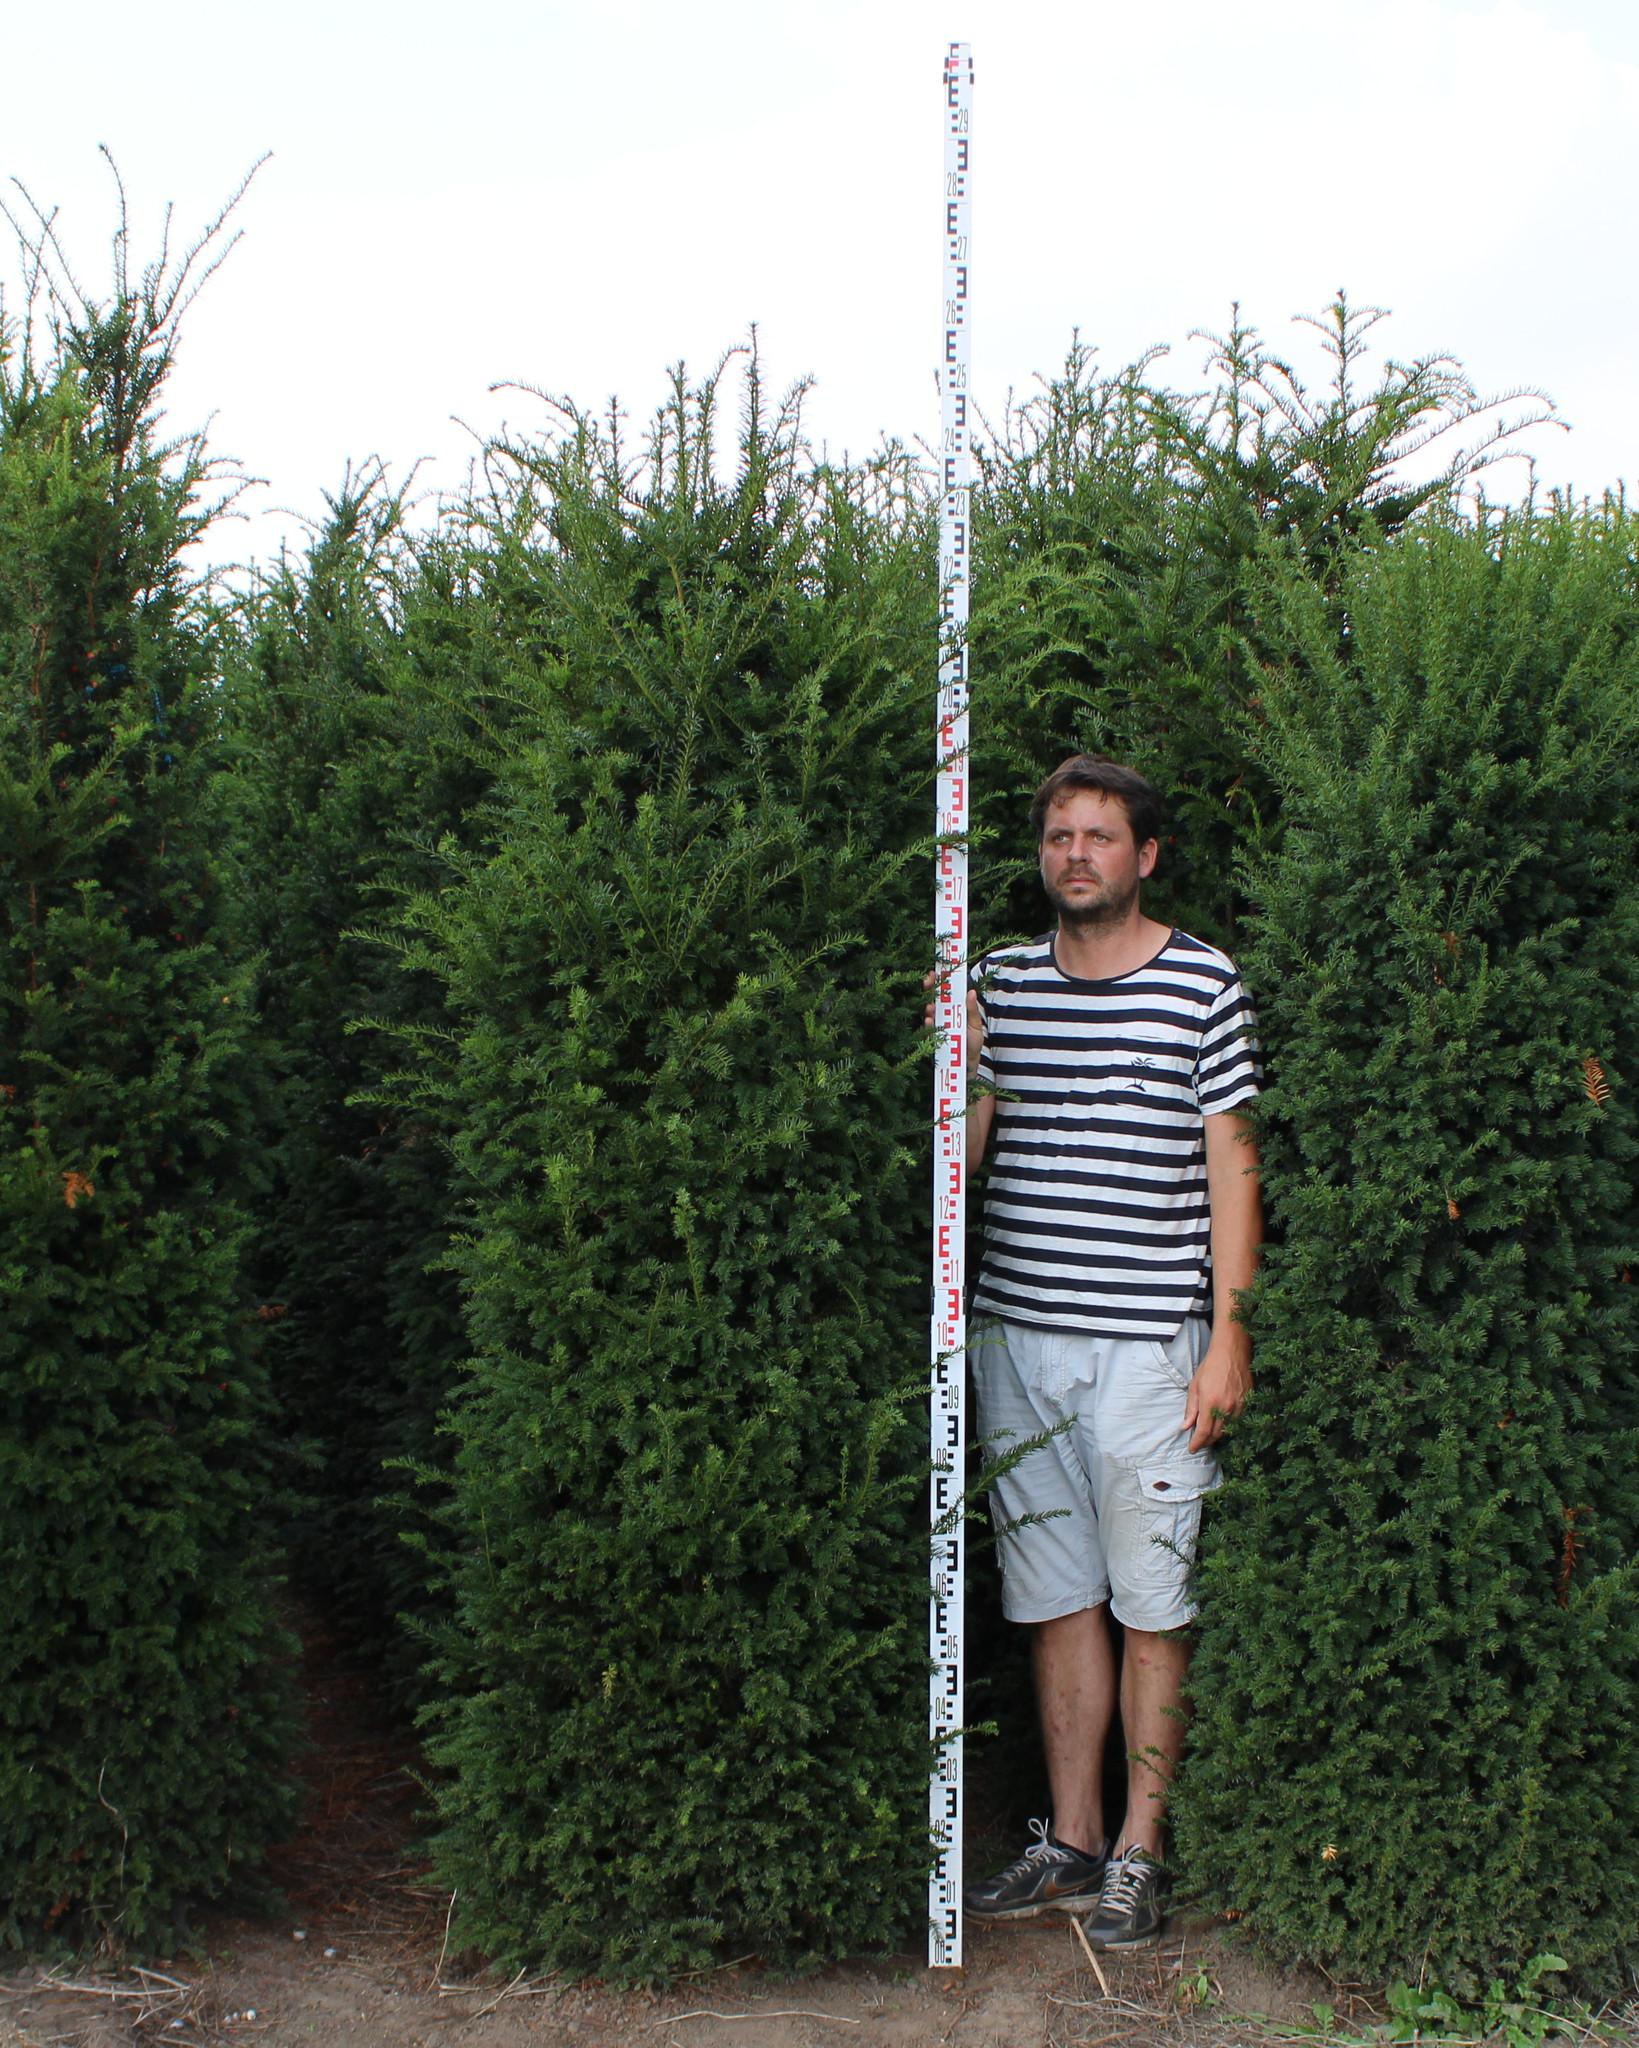 Eibe 225-250cm mit Ballen